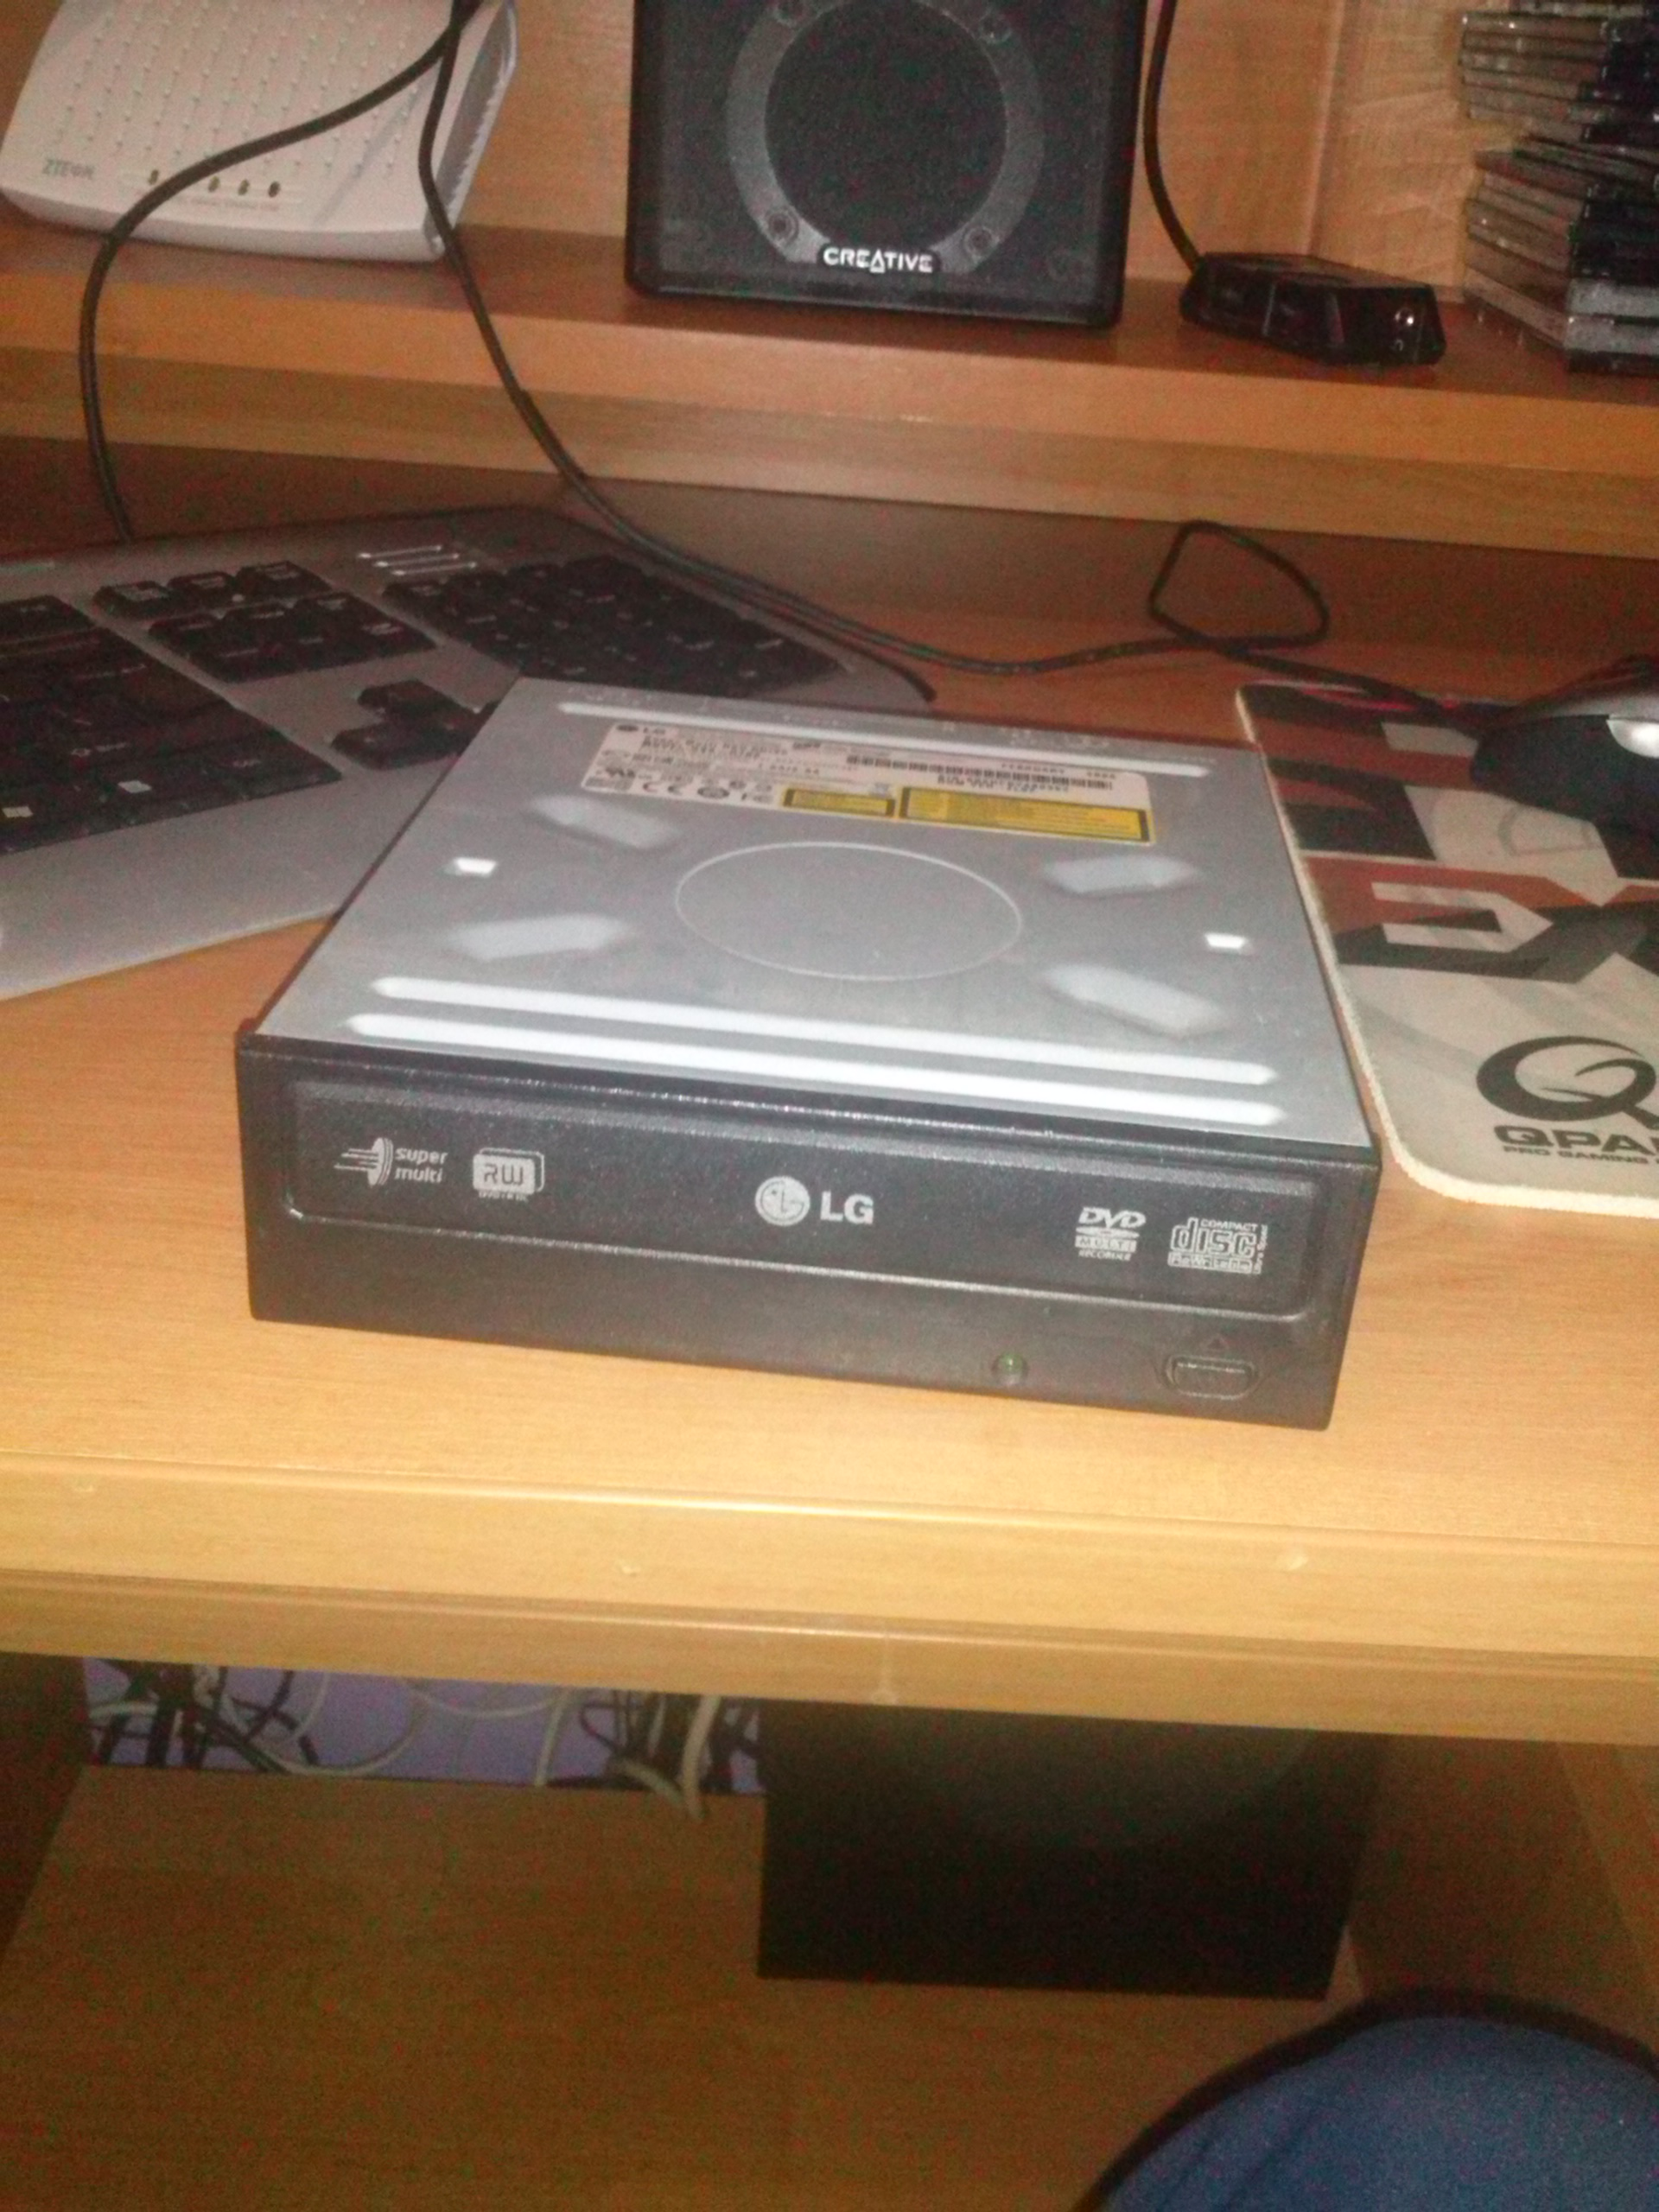 HL-DT-ST DVDRAM GSA-H10A ATA WINDOWS DRIVER